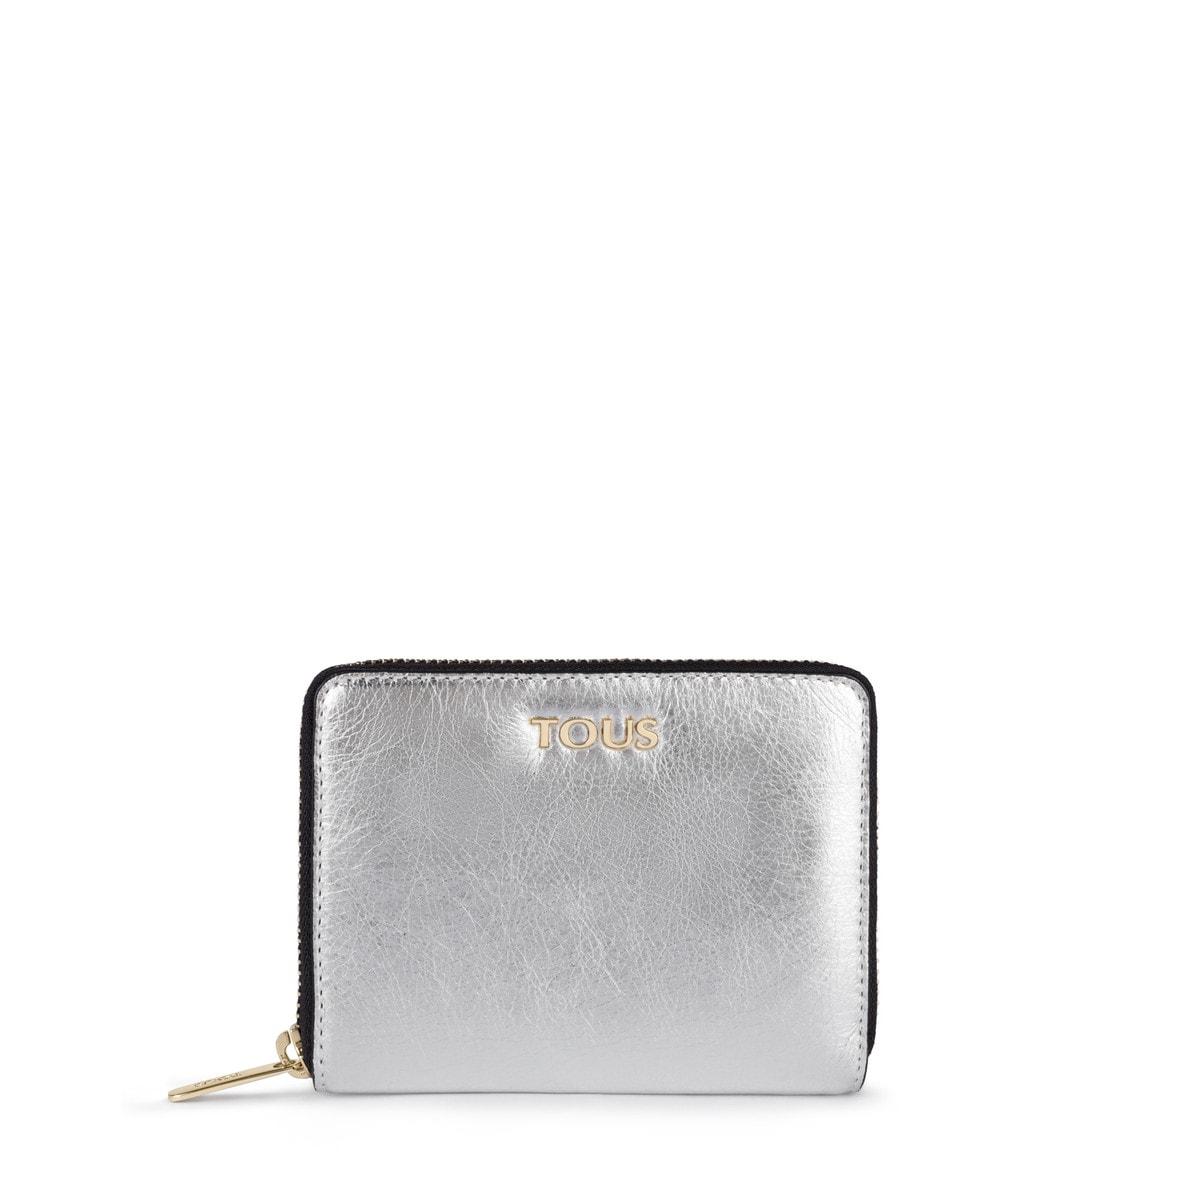 8e04e39475f3 Small silver colored Leather Tulia Crack Wallet - Tous Site GB